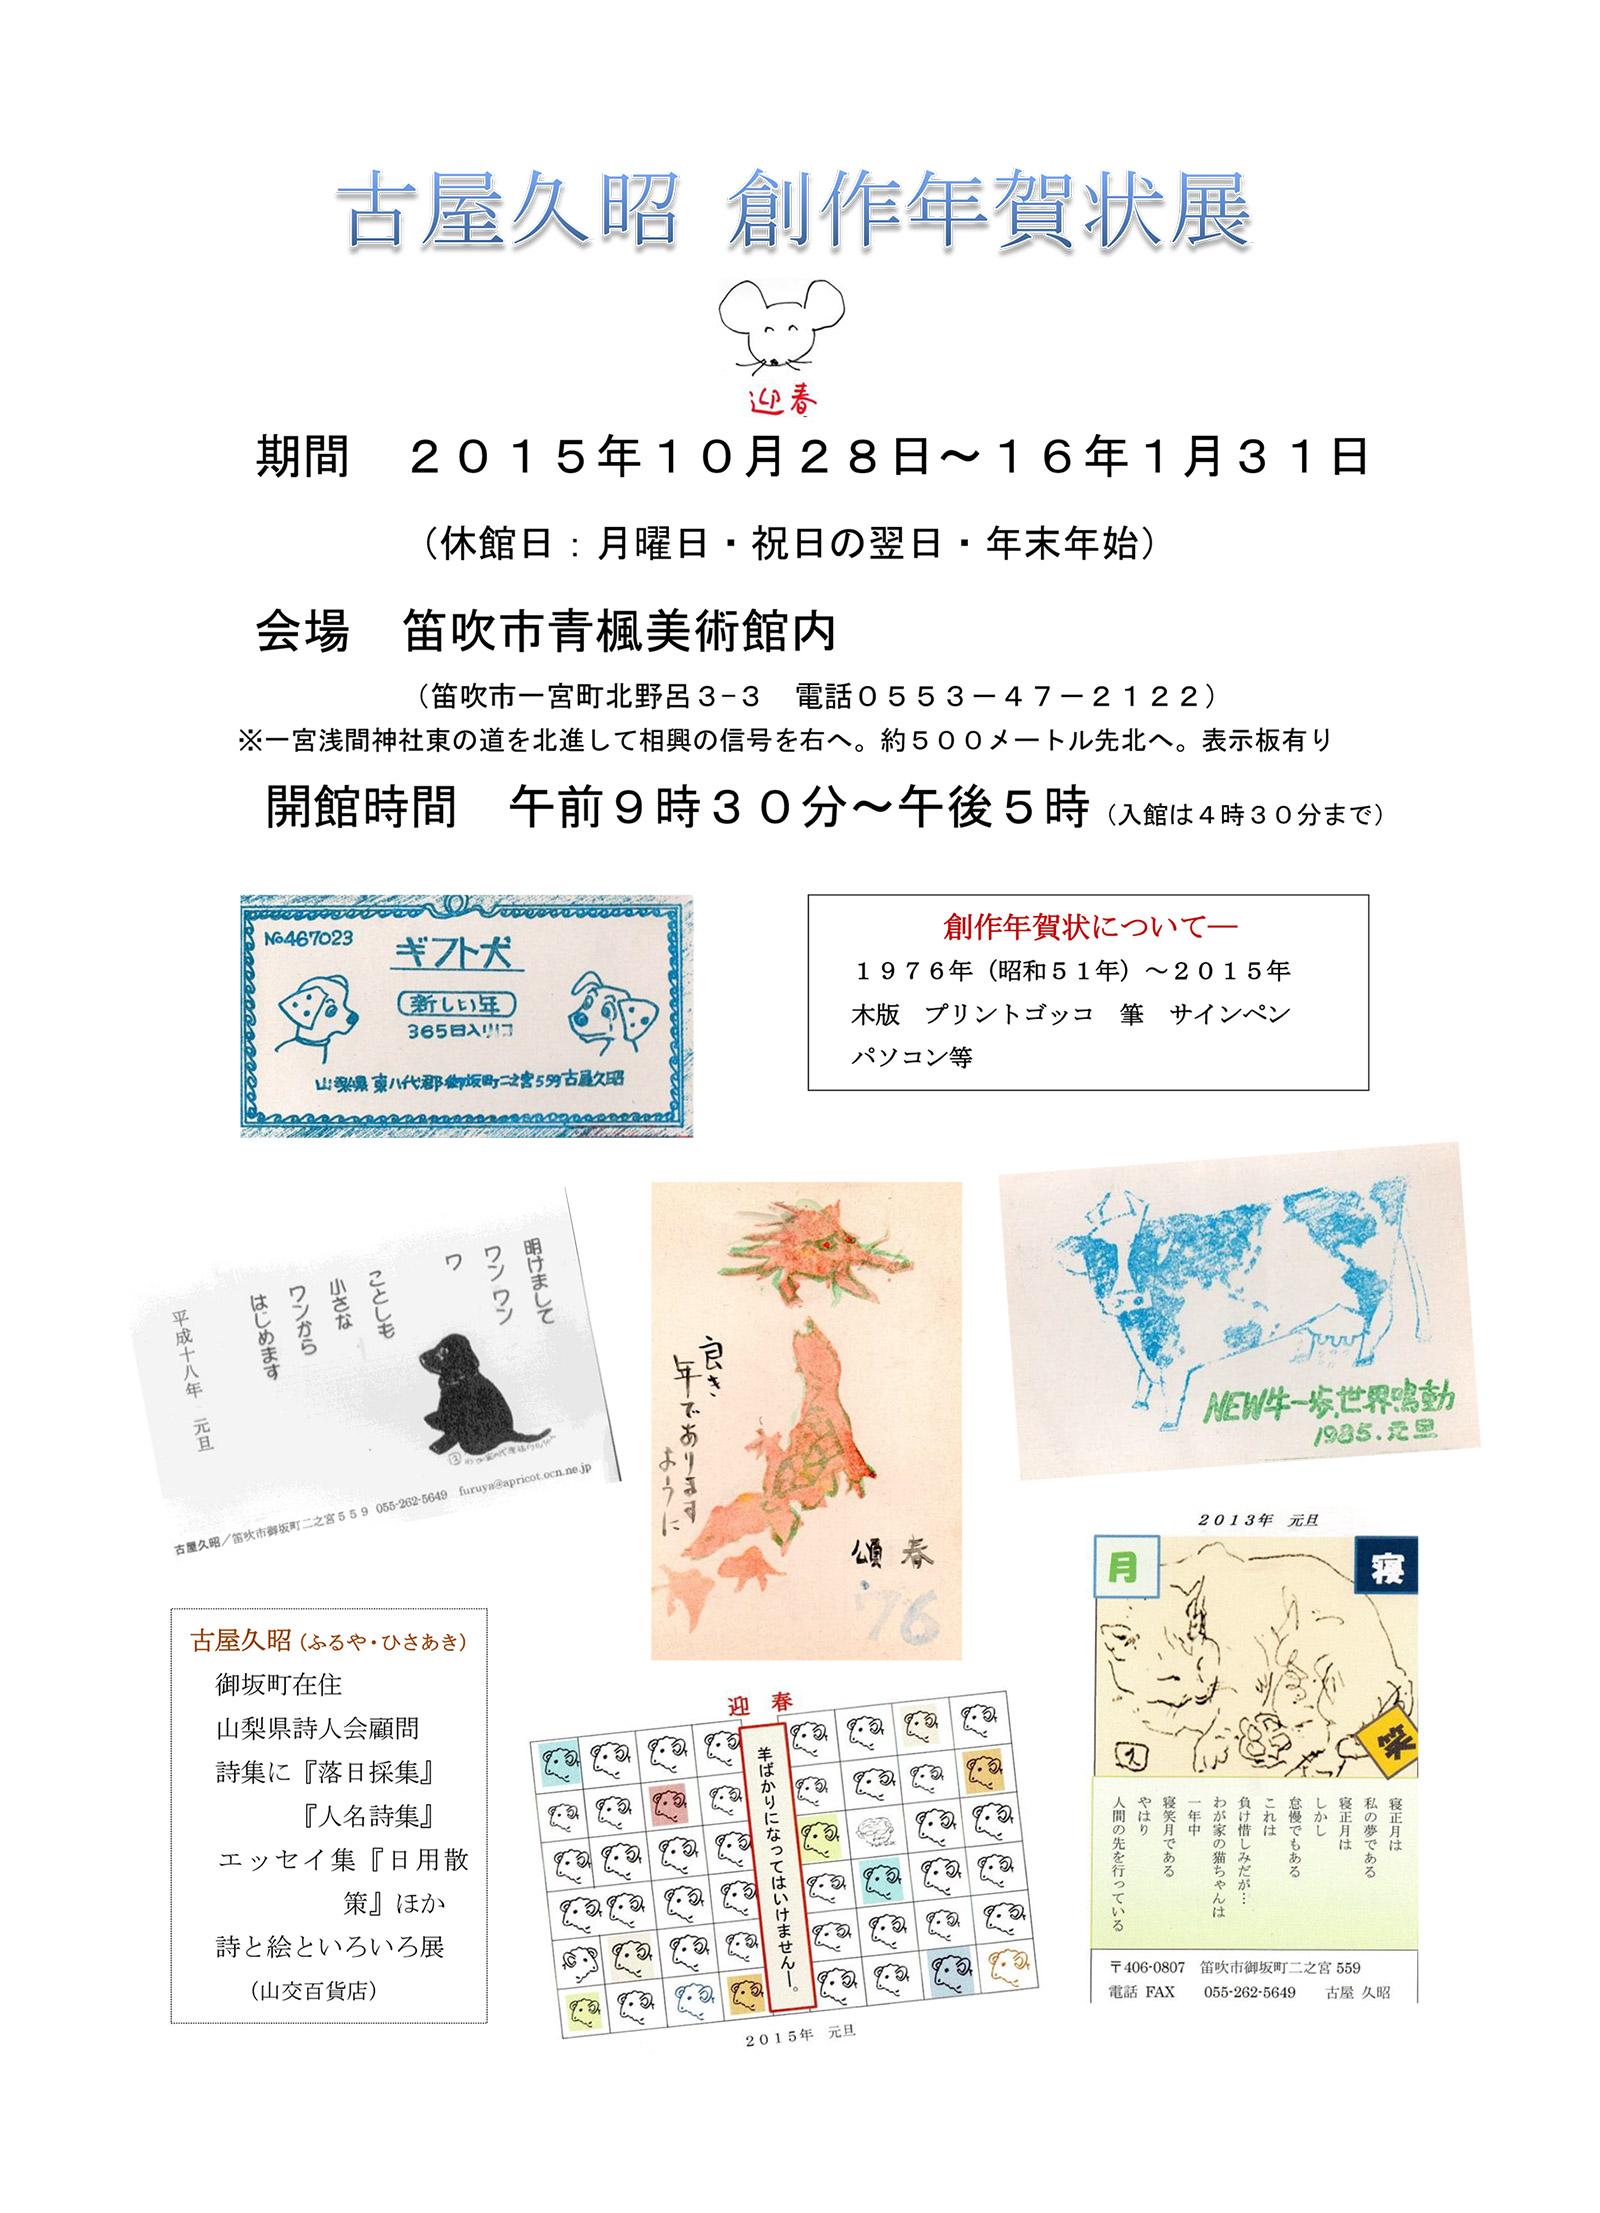 2015art_g_sefu1209_2